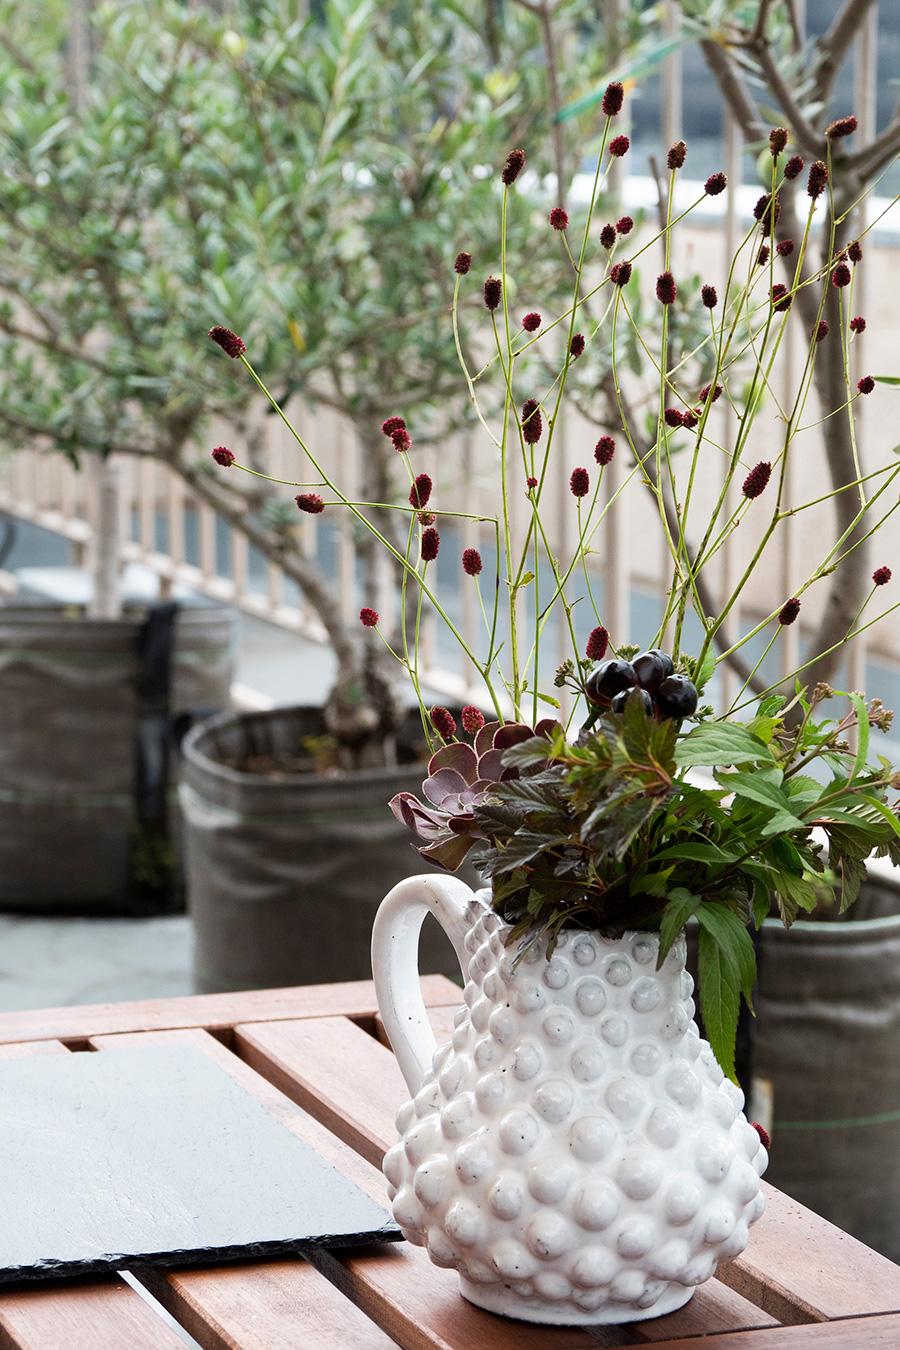 グリーンとの相性抜群のASTIER de VILATTEのフラワーベースに季節の植物を。